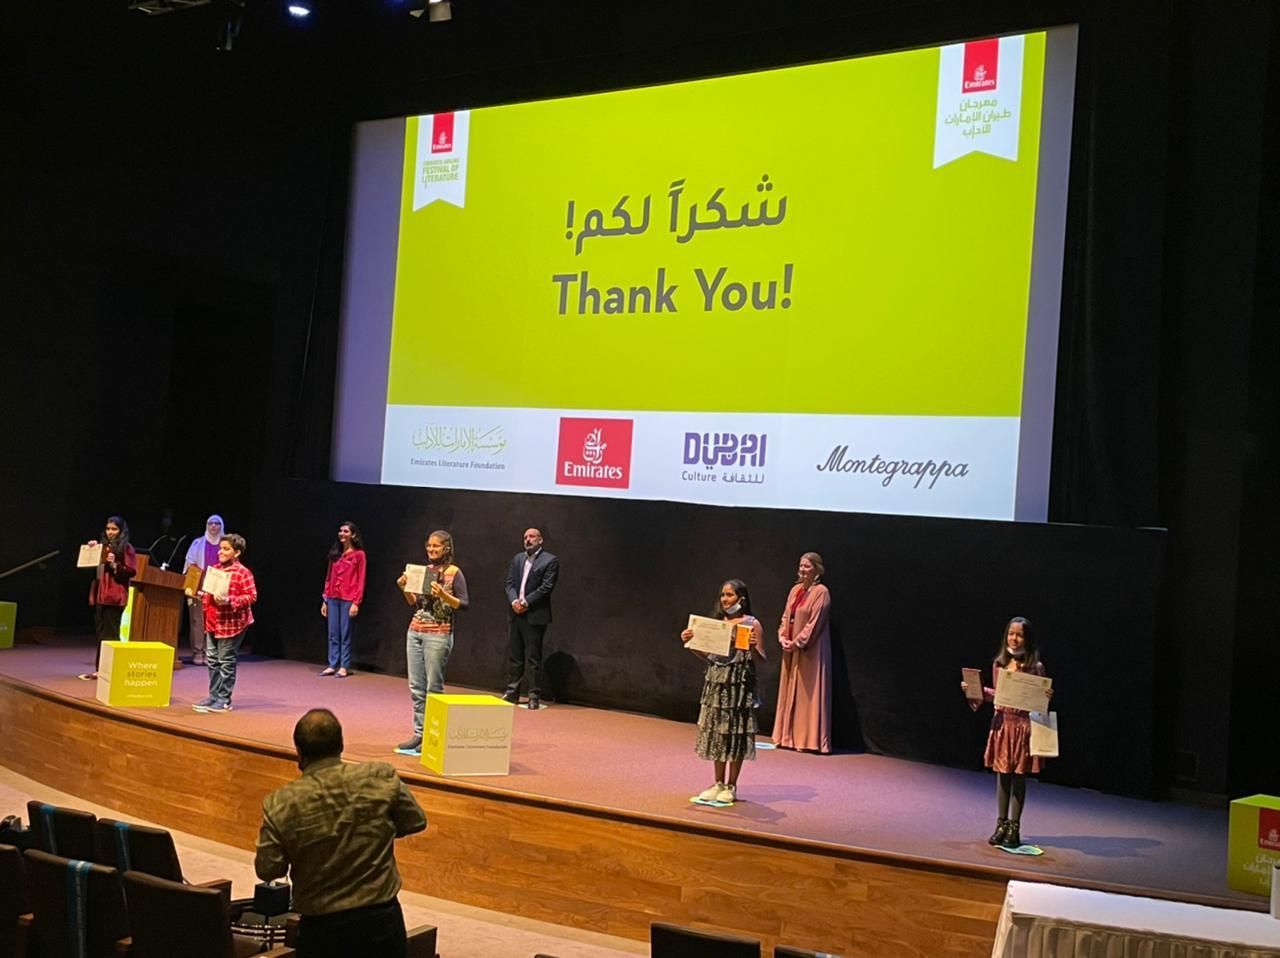 جين أوستن تلهم إحدى الفائزات في مهرجان طيران الإمارات للآداب ومونتيغرابا